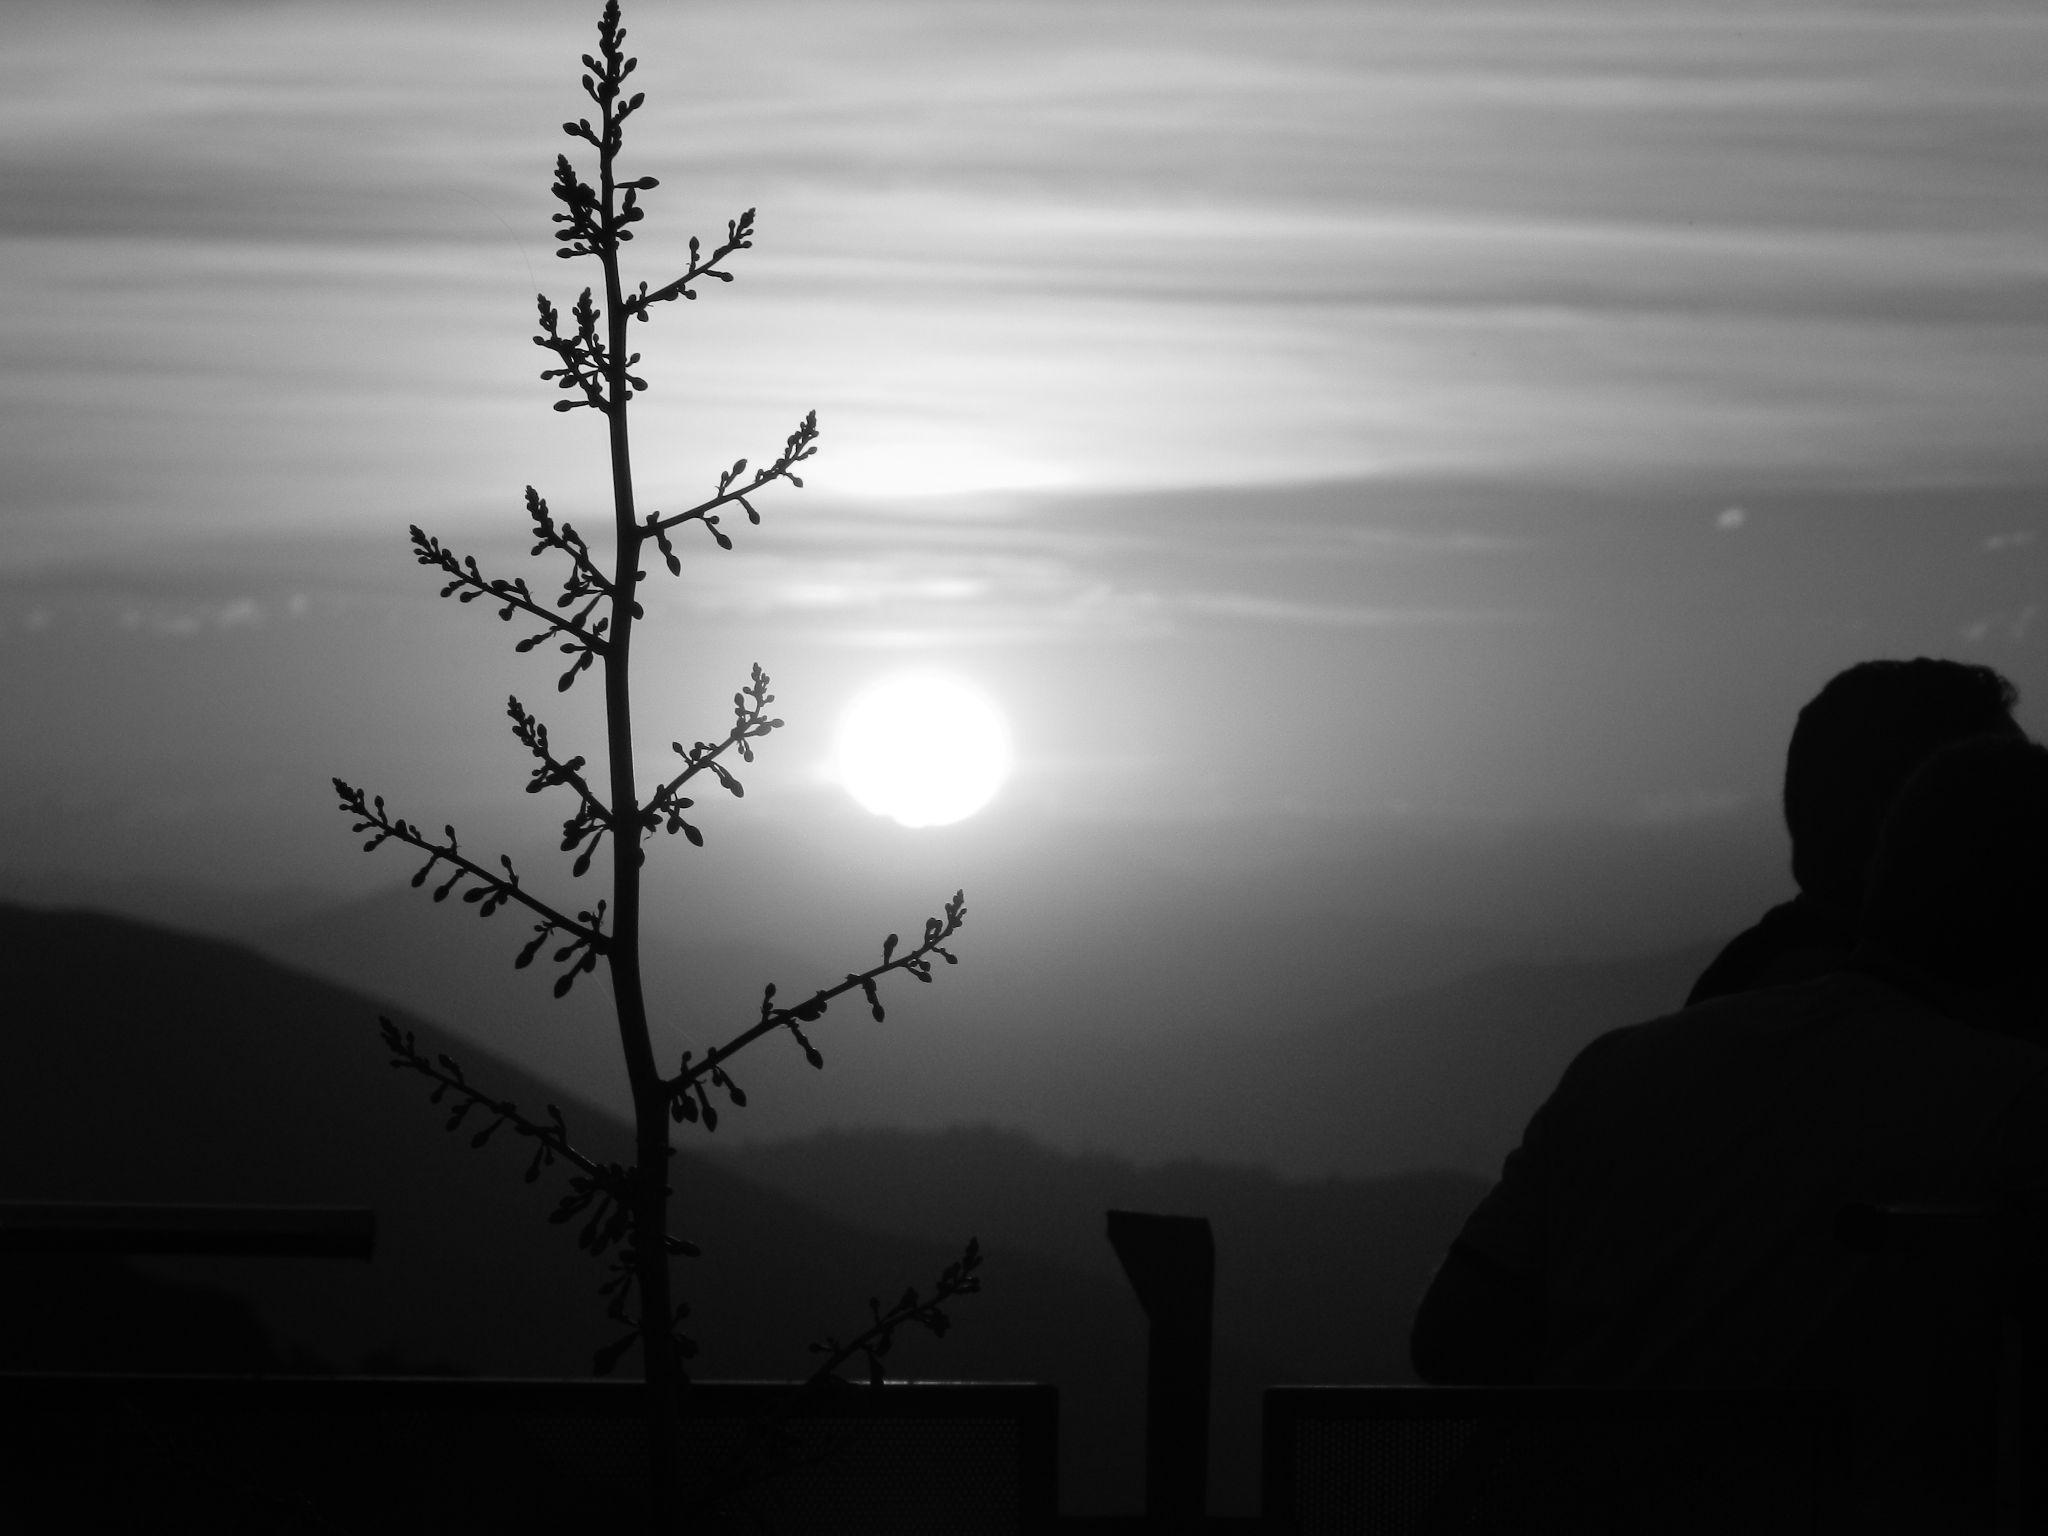 Sunset - Rio de Janeiro by Rogerio Carvalhal